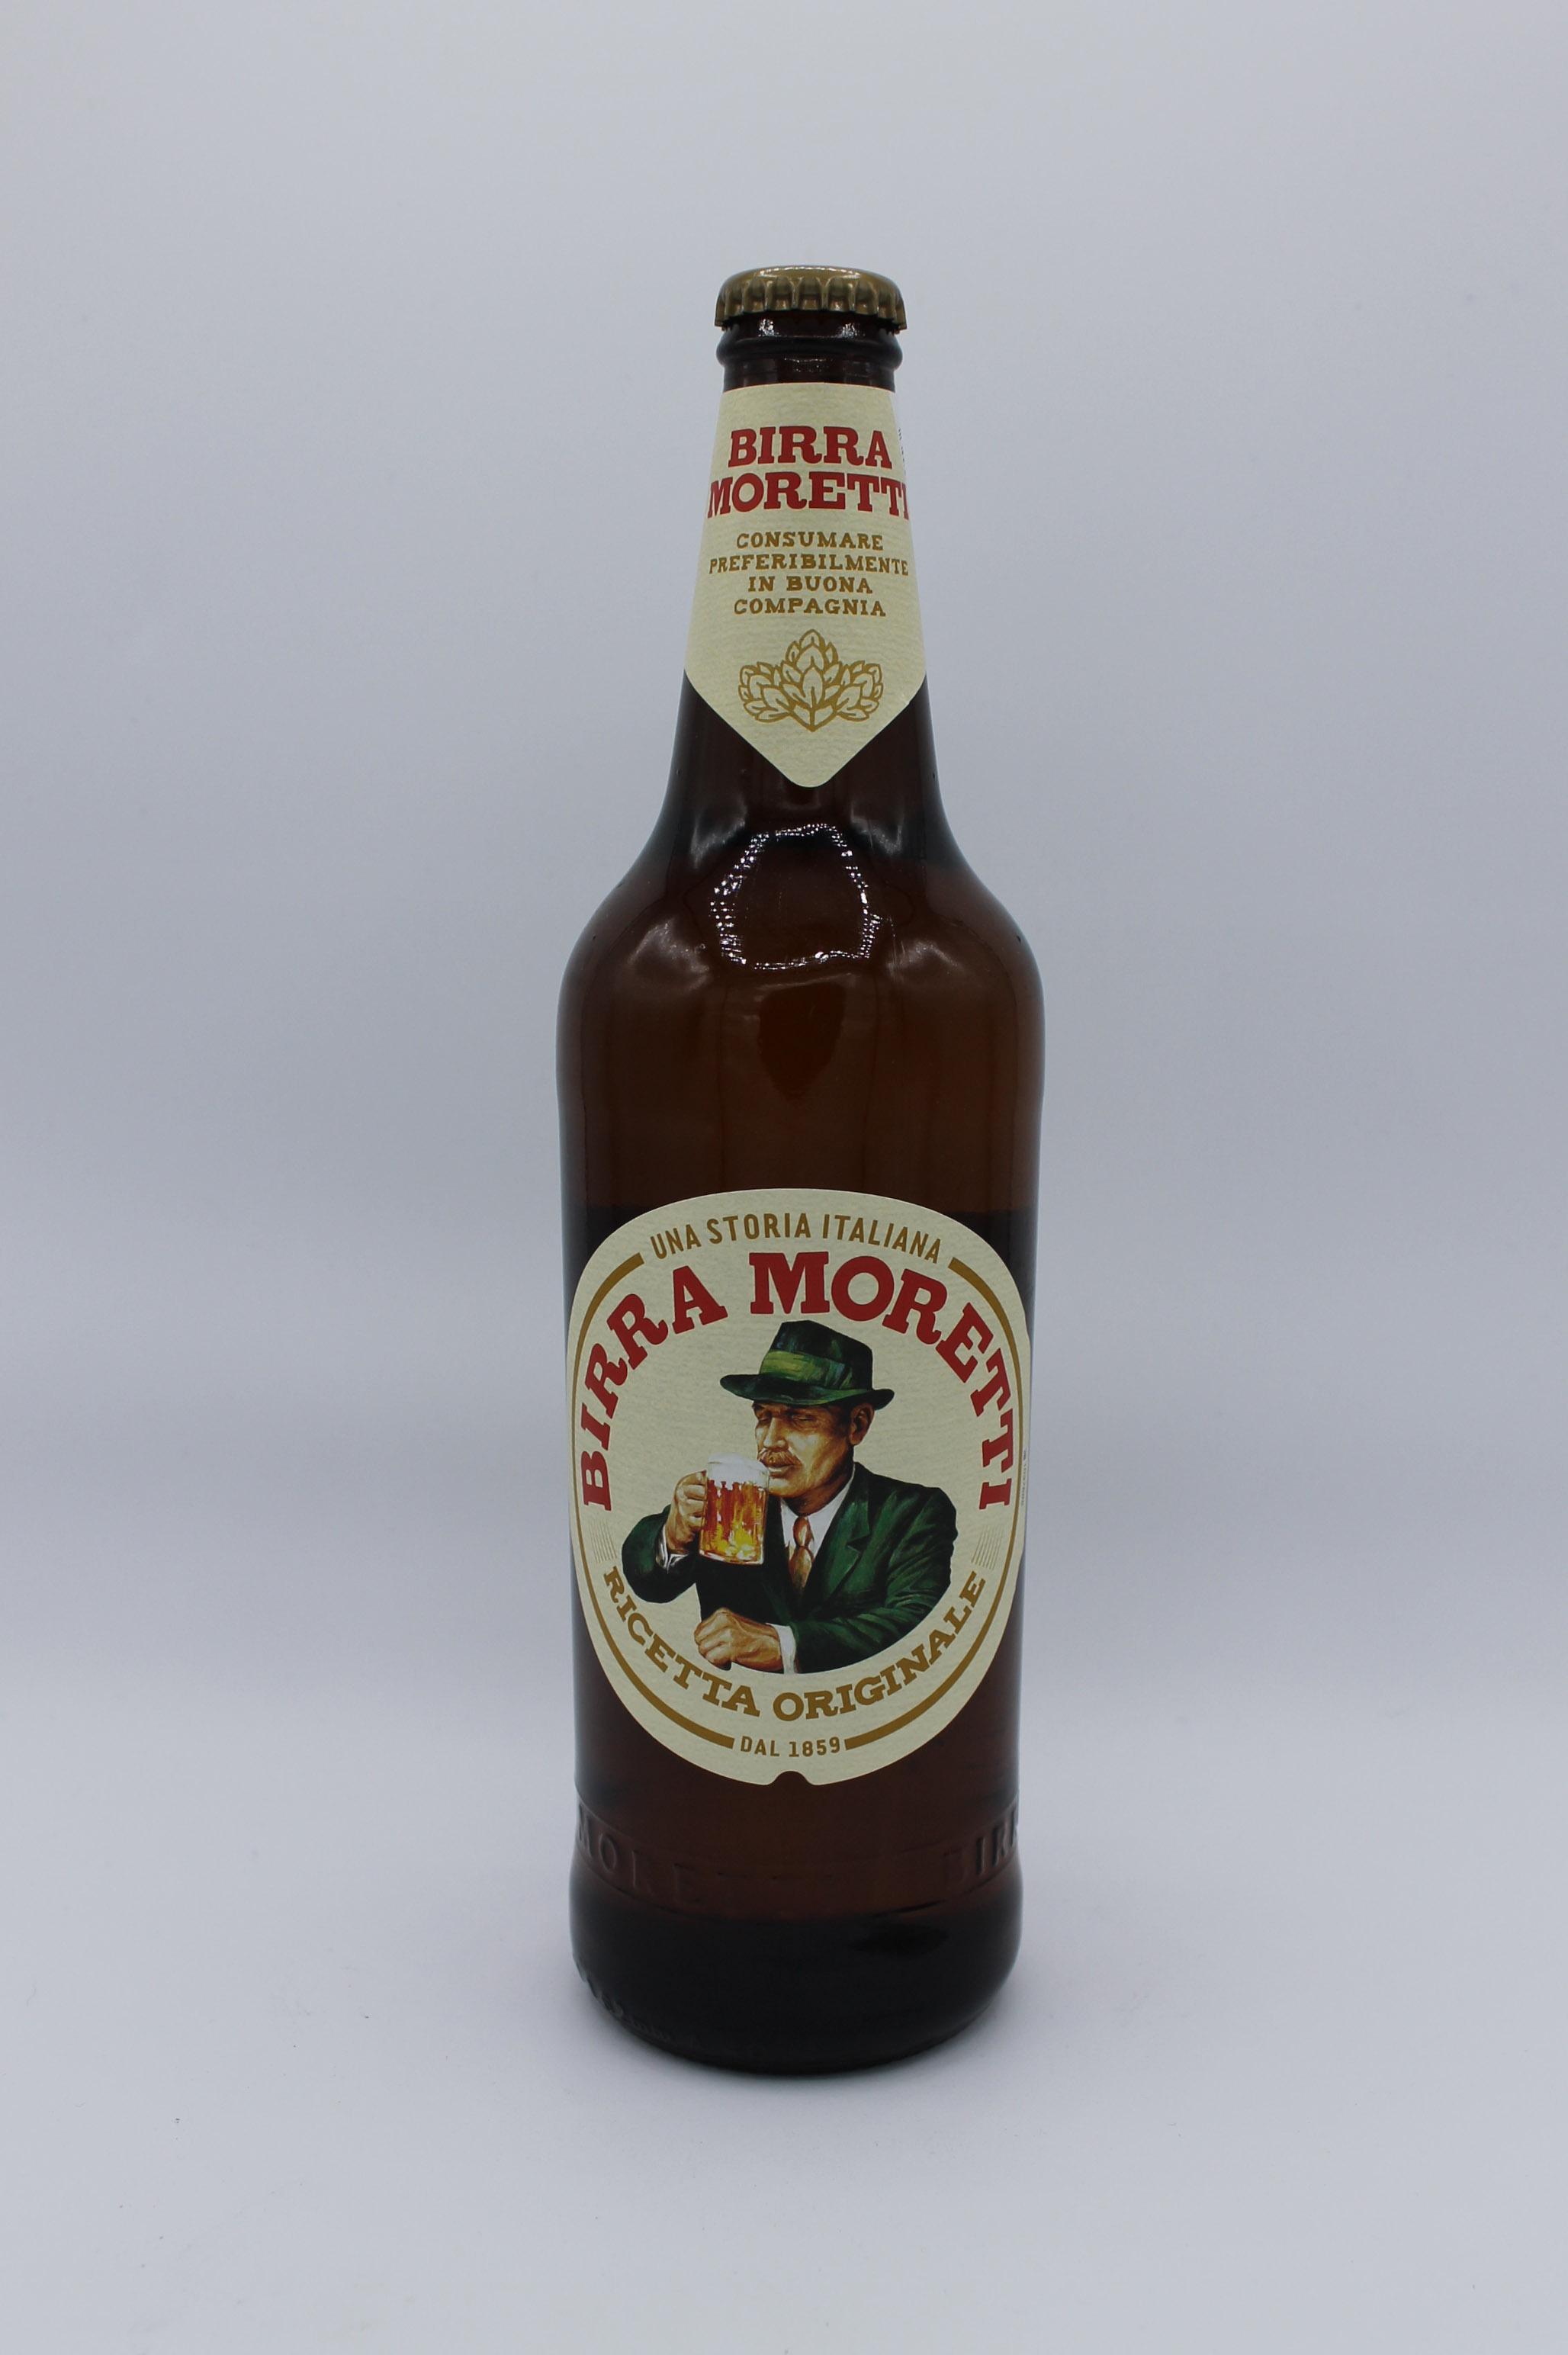 Birra moretti ricetta originale 660ml.